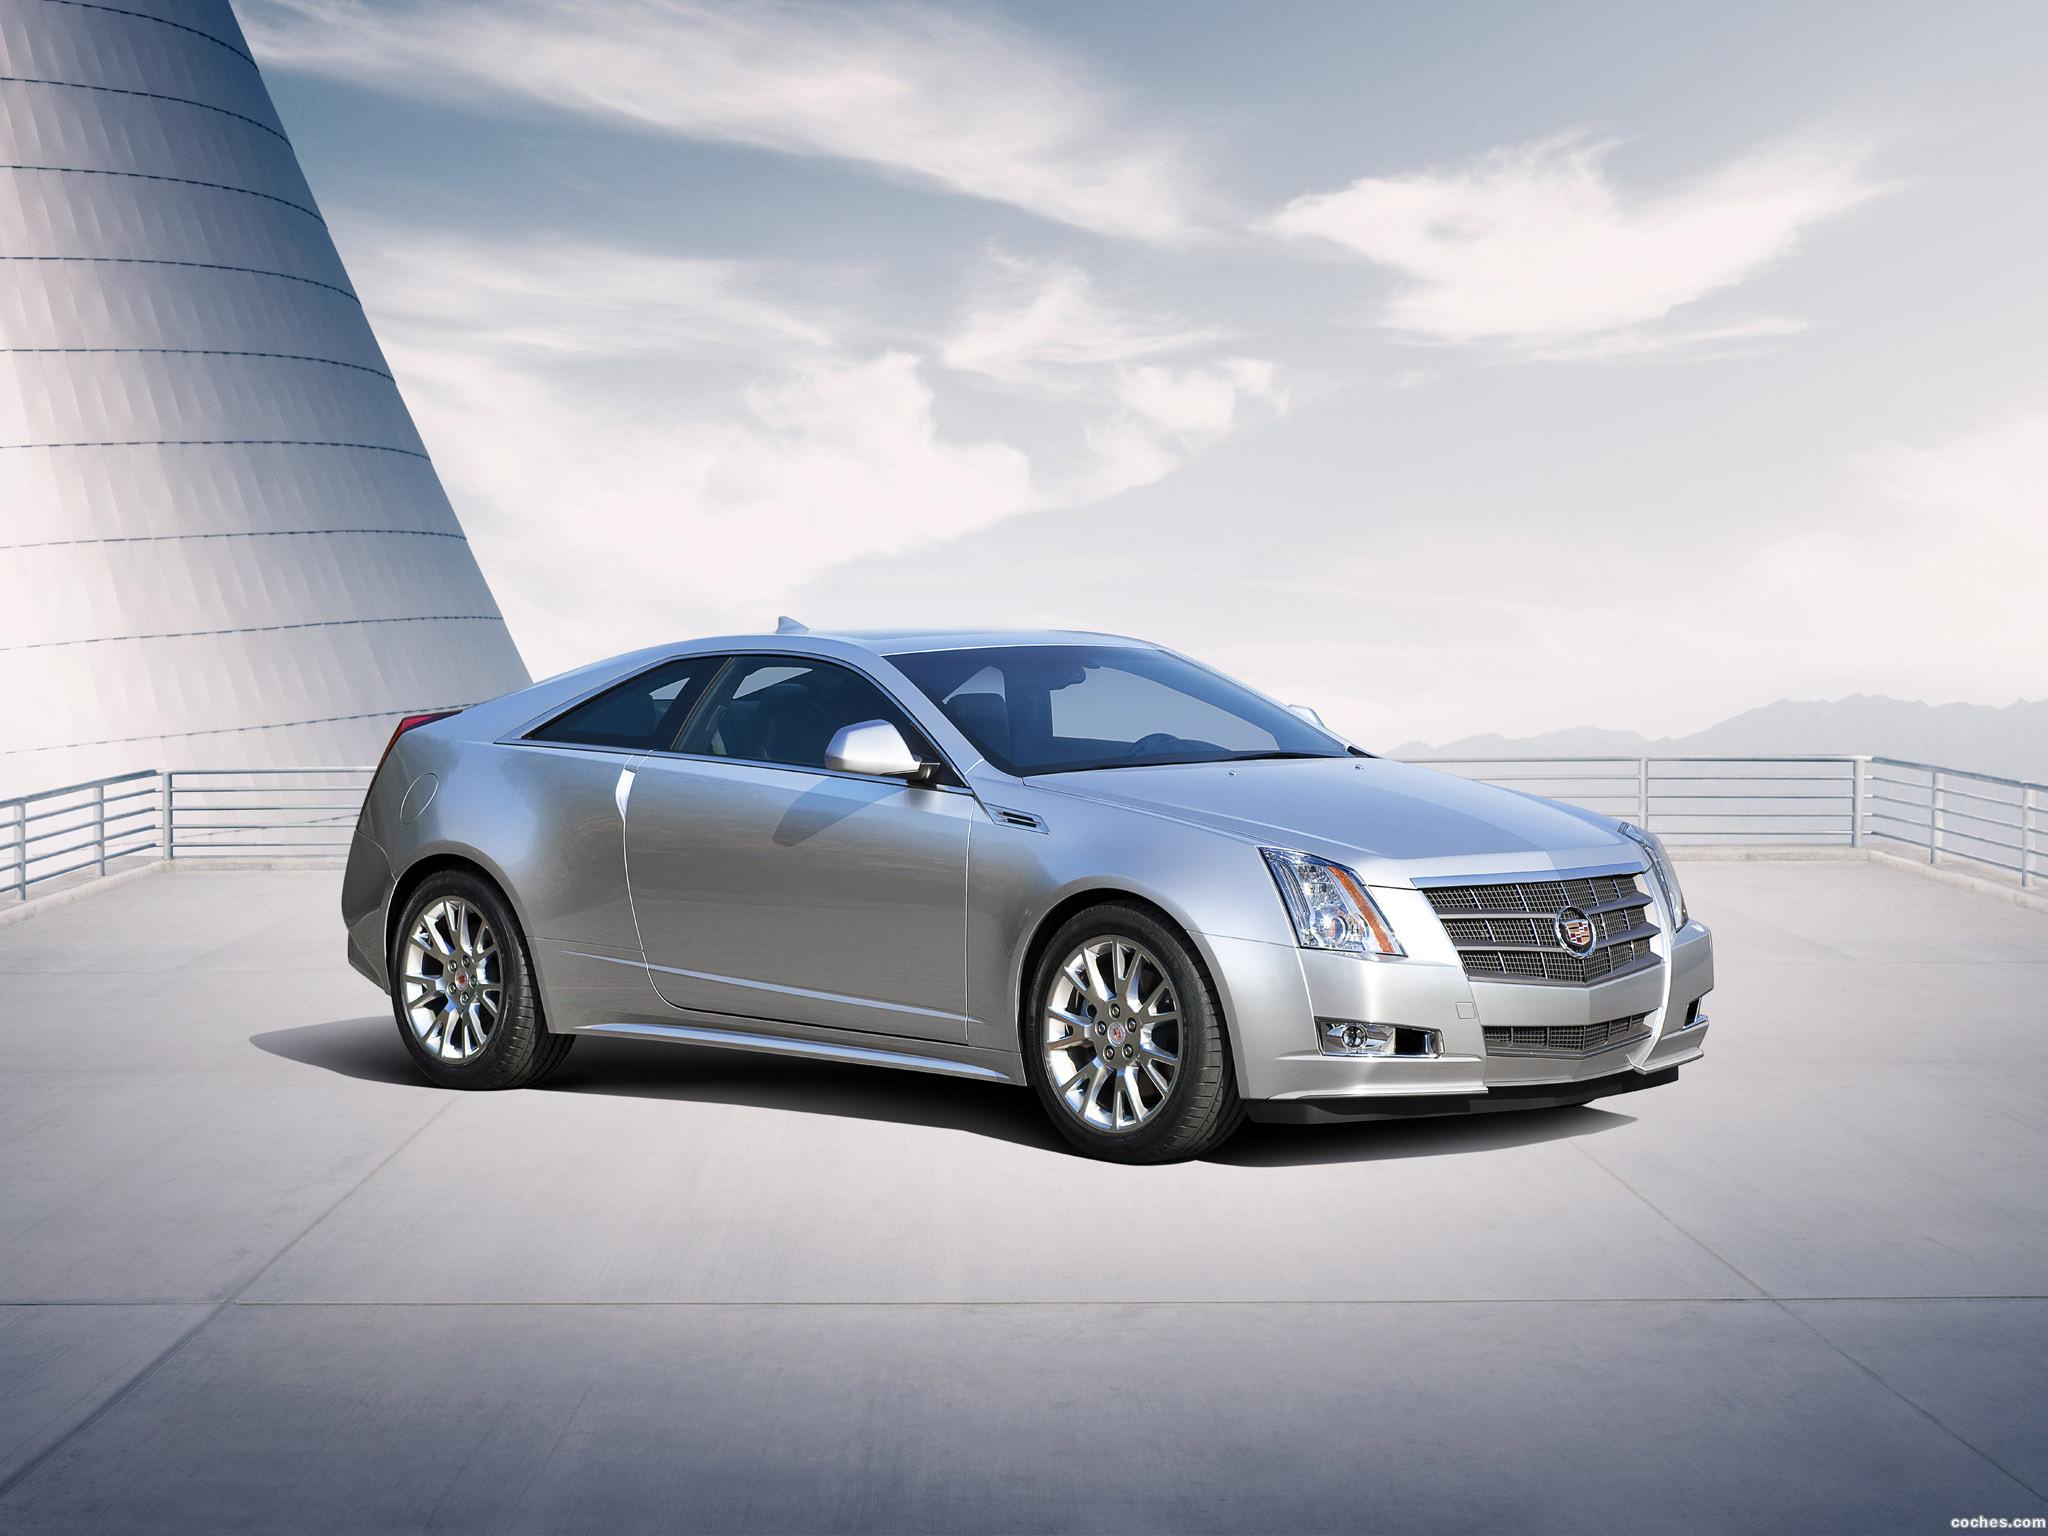 Foto 0 de Cadillac CTS Coupe 2010